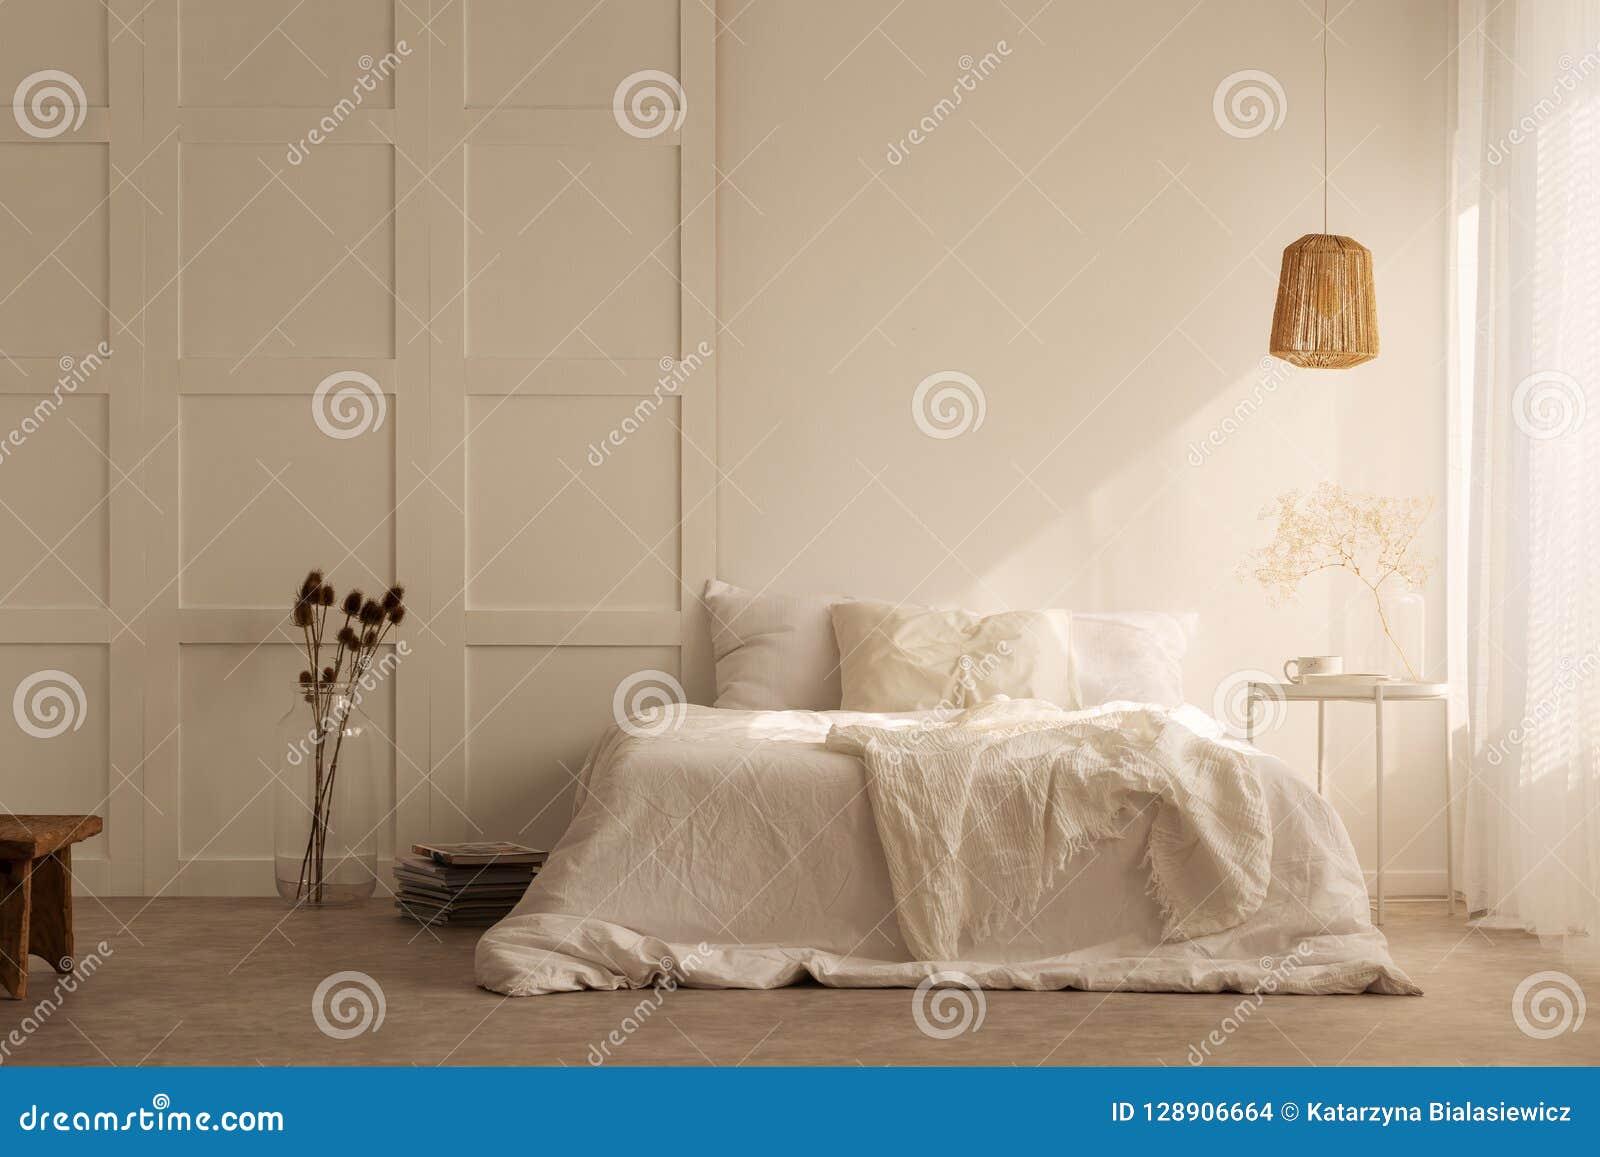 Lâmpada acima da cama branca com os descansos no interior mínimo do quarto com plantas e tamborete